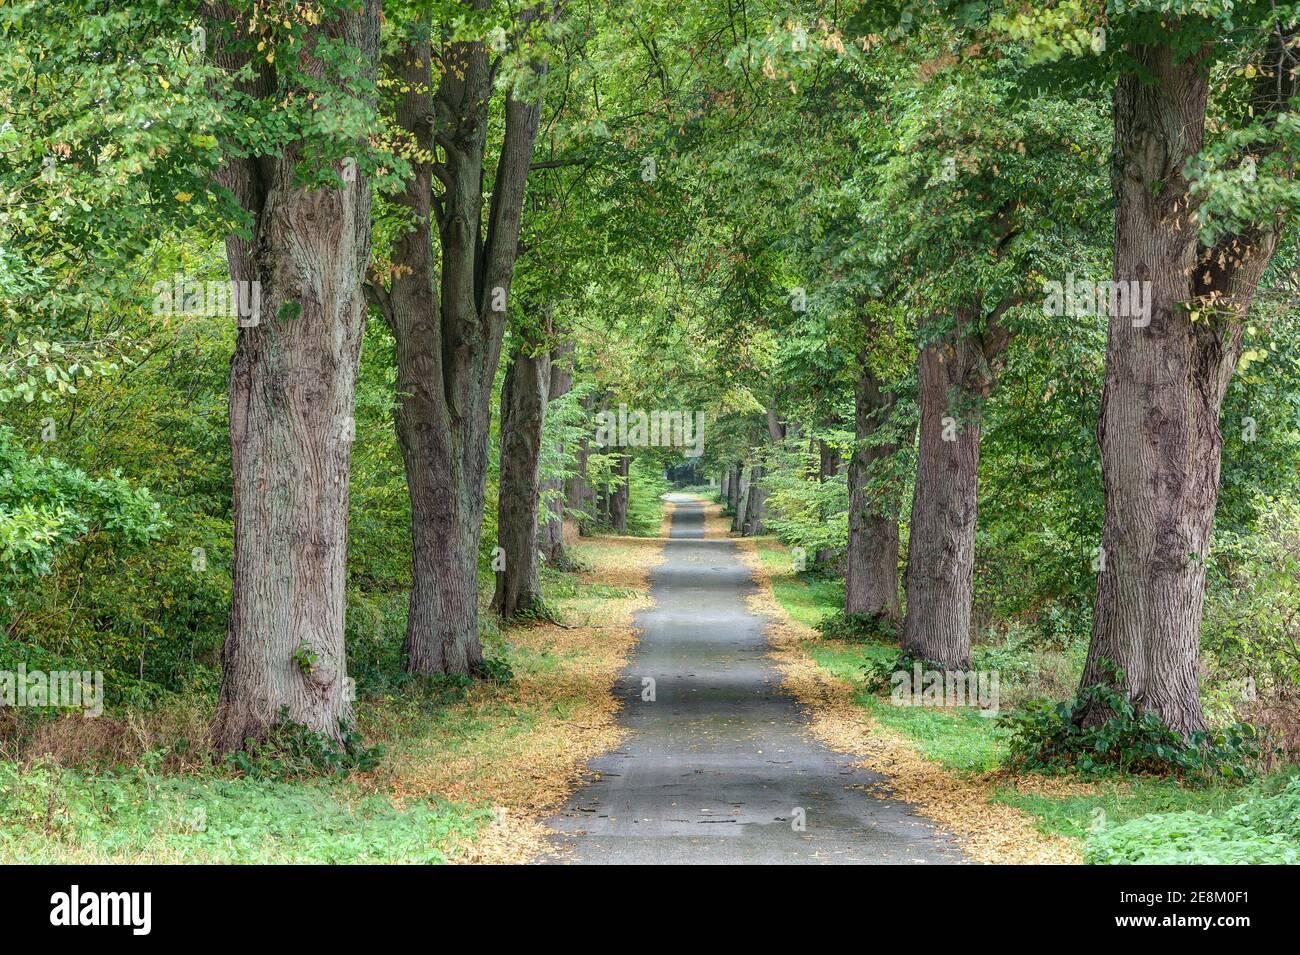 En automne, la petite route qui traverse la magnifique avenue bordée d'arbres est encadrée par les feuilles jaunes des arbres. Banque D'Images